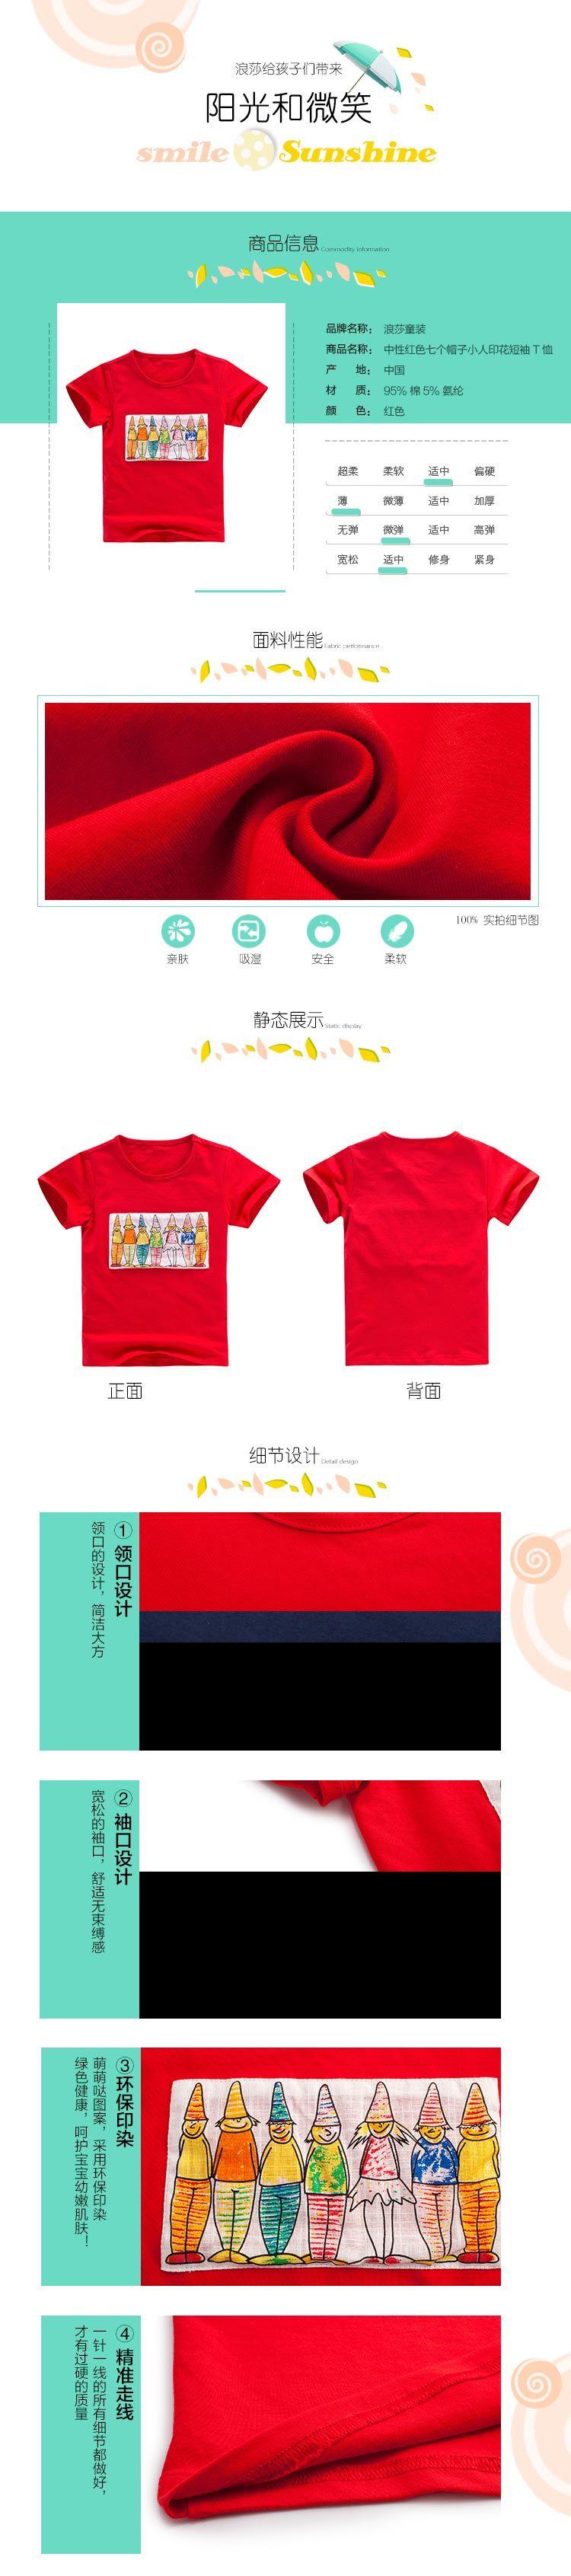 浪莎男女童装中性红色七个帽子小人印花短袖t恤tx